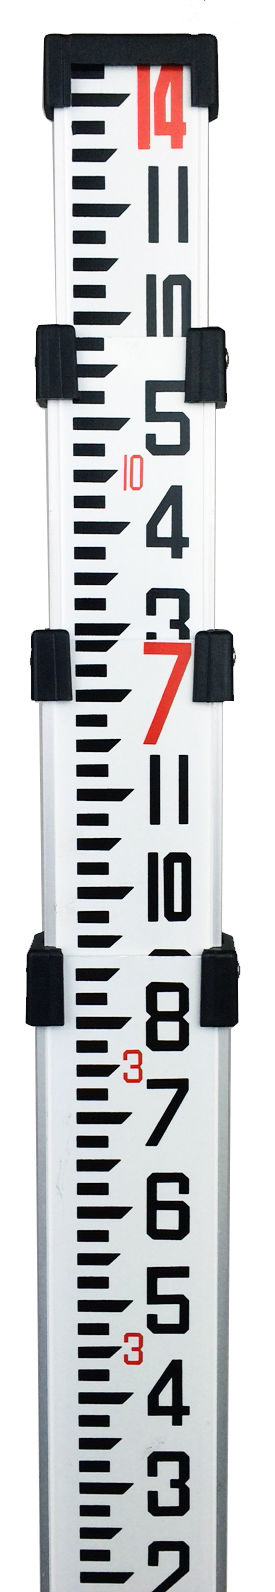 14' Northwest Aluminum Survey Level Rod Stick INCHES  NAR14